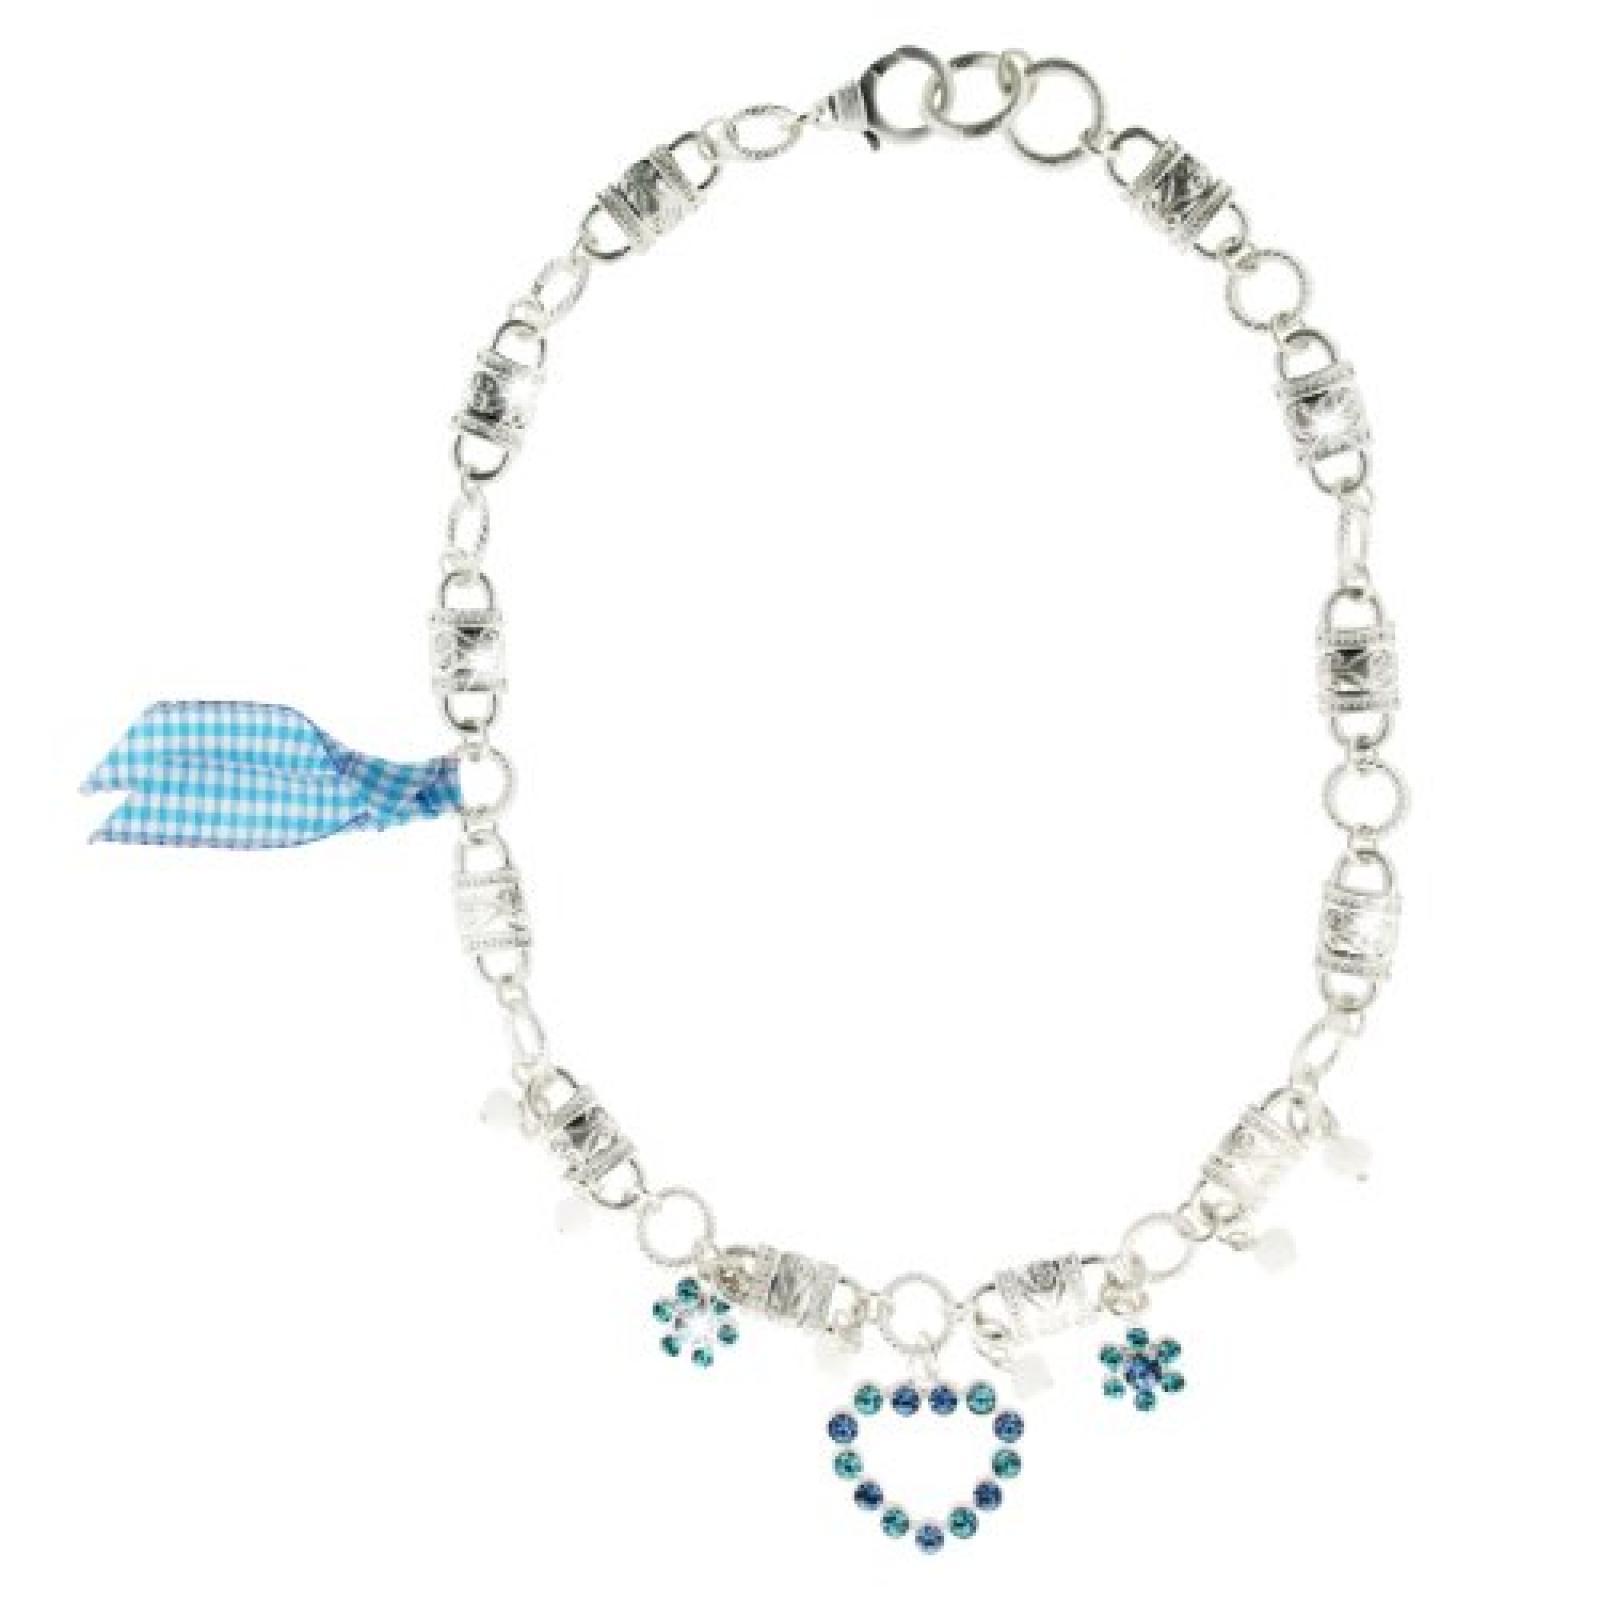 Sweet Deluxe Damen-Halskette Messing Wiesn Herzilein silber/hellblau 2560